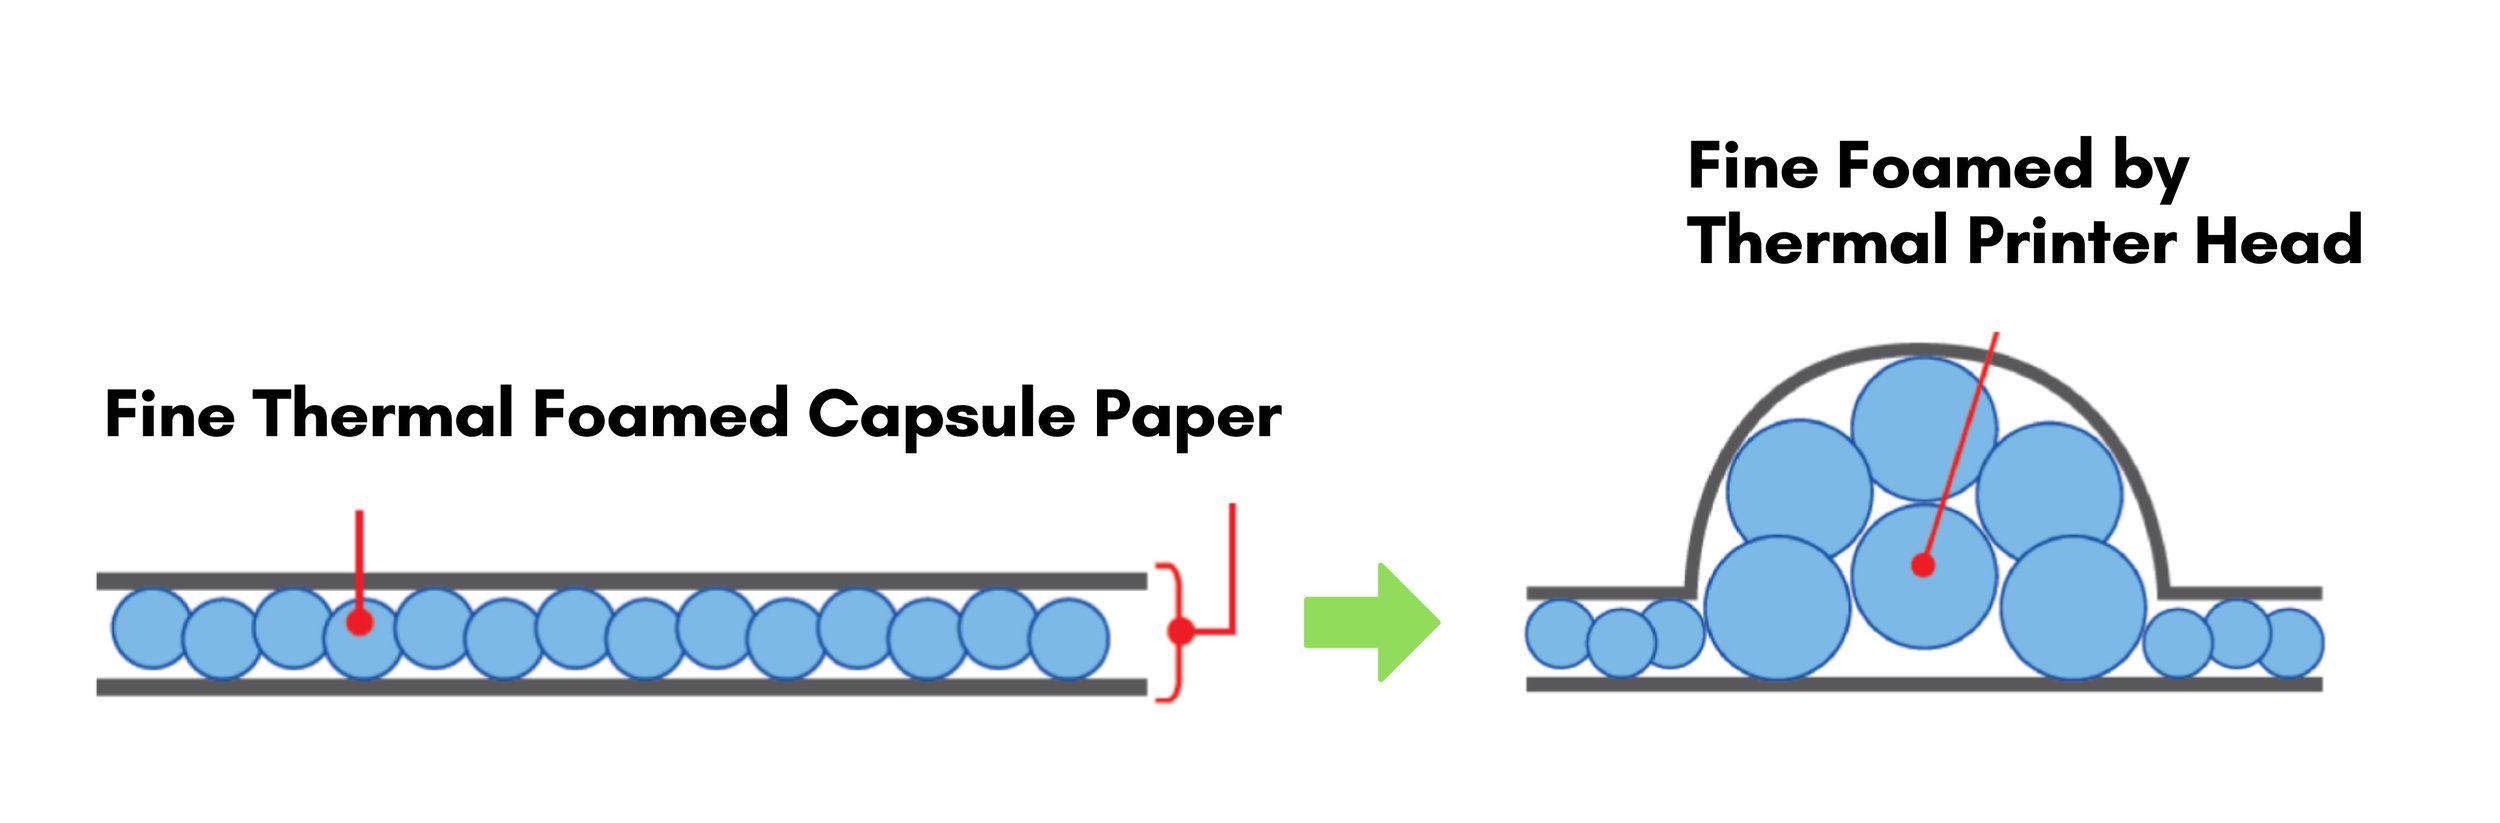 braille graph paper - Ataum berglauf-verband com